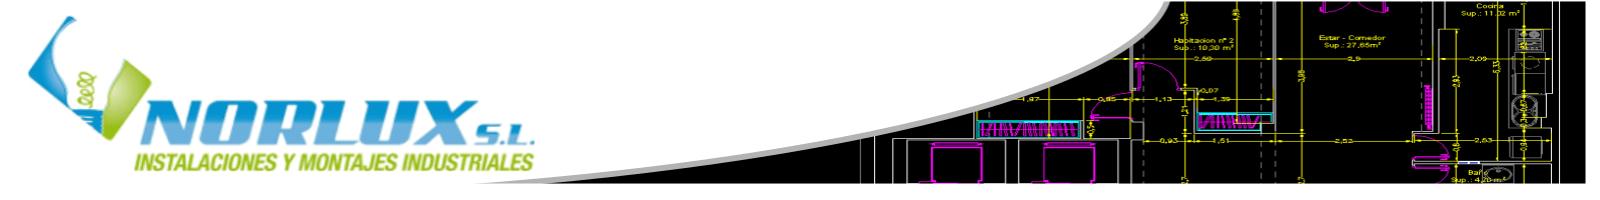 reforma Archives - Norlux Instalaciones S.L